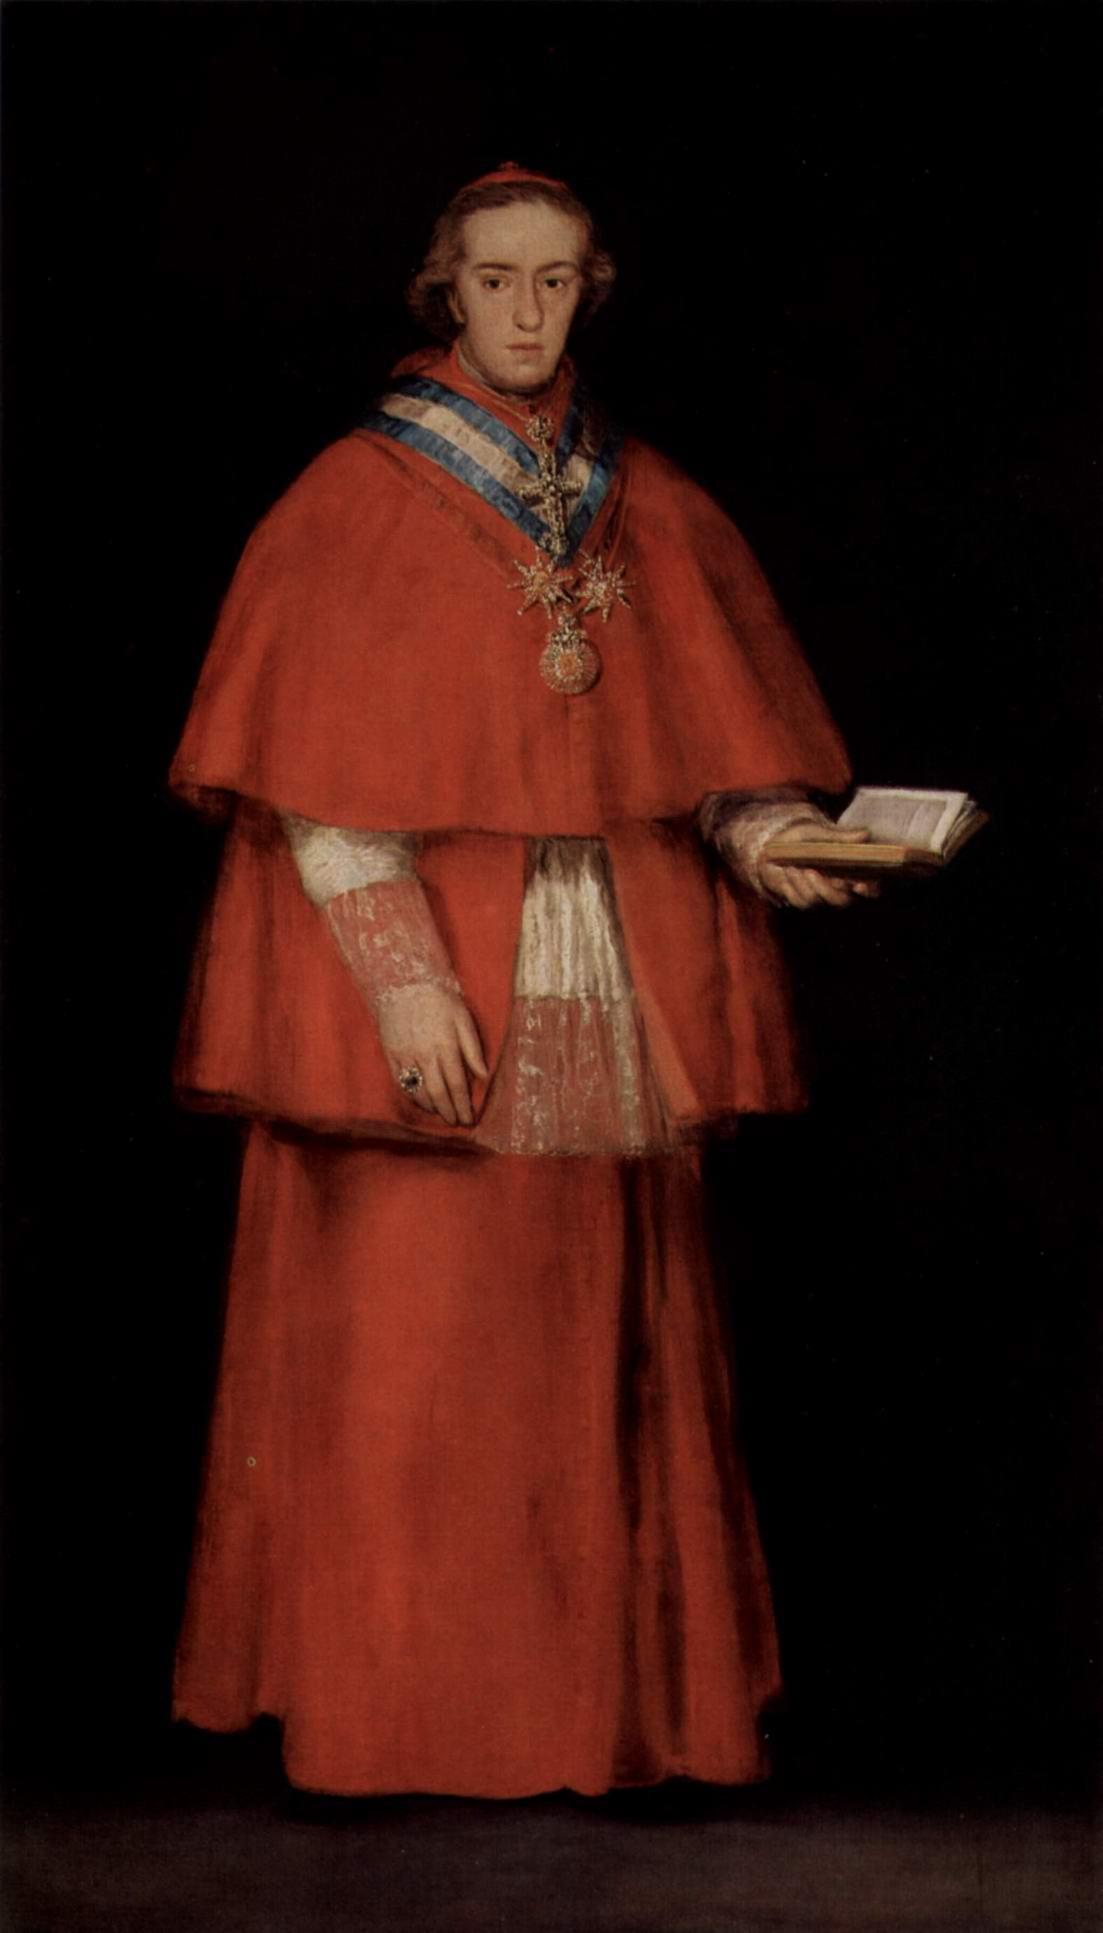 Портрет кардинала Луиса Марии де Борон-и-Вальябрига, Франсиско де Гойя-и-Лусьентес